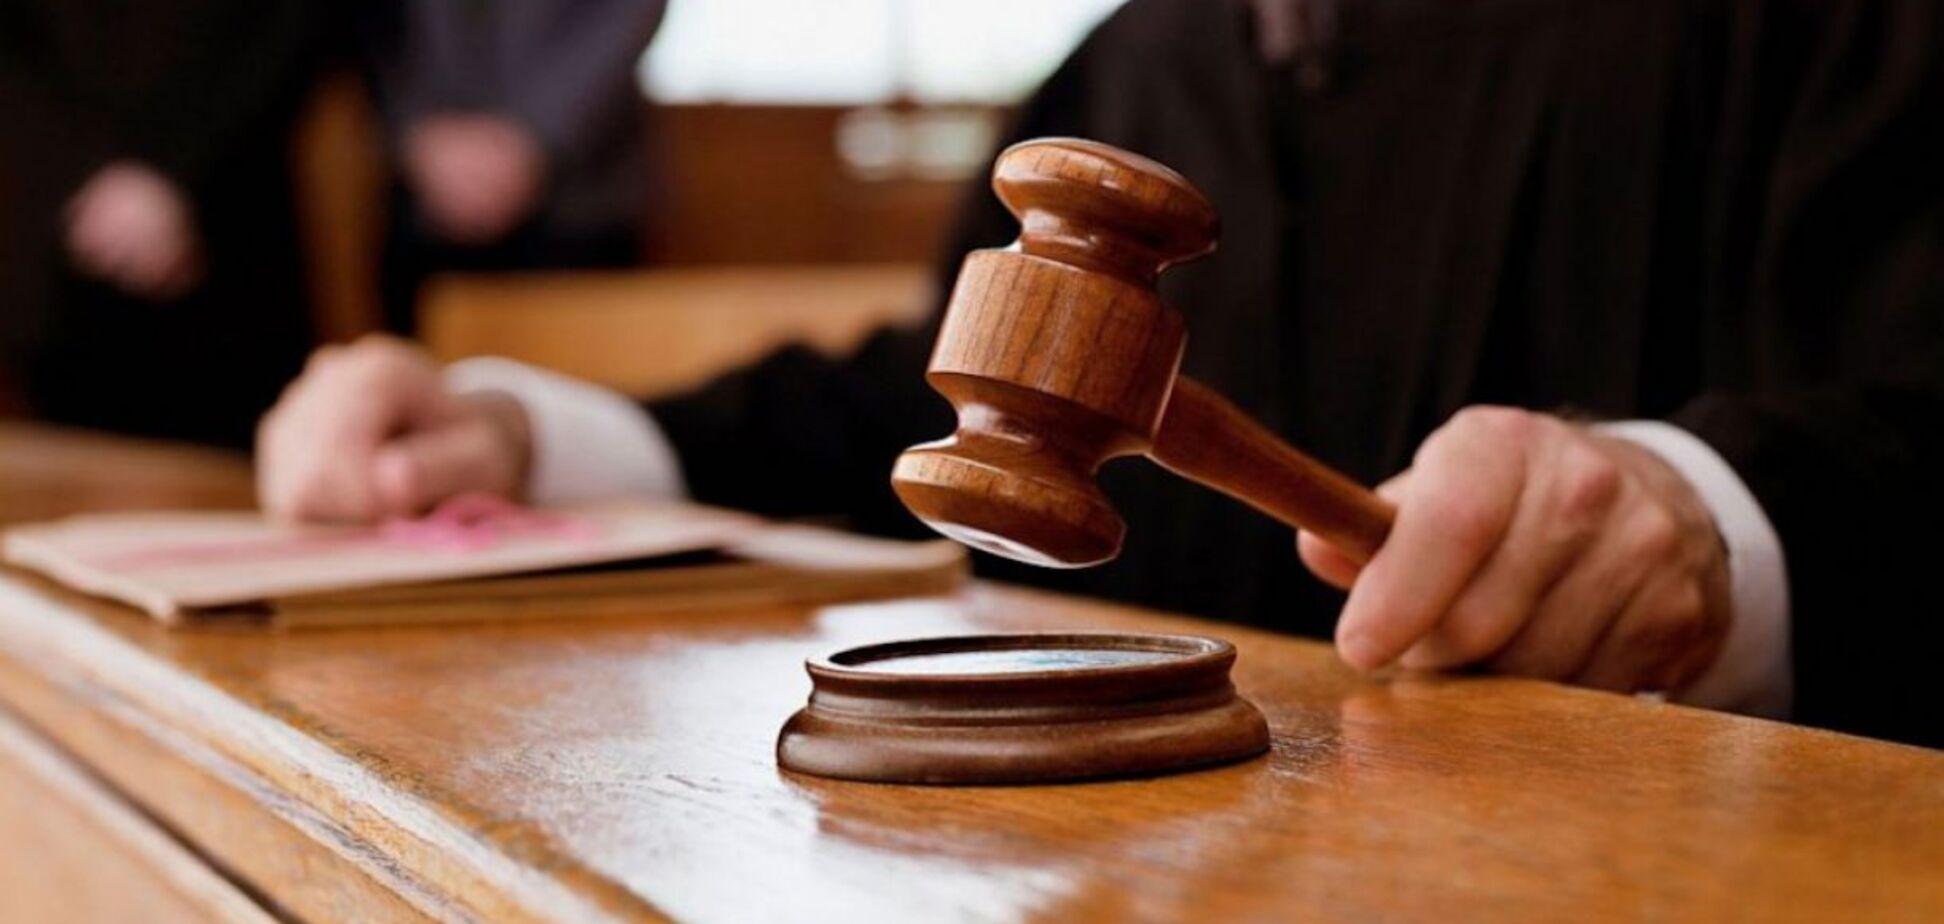 Нападение на ромов во Львове: суд определился с арестом организатора